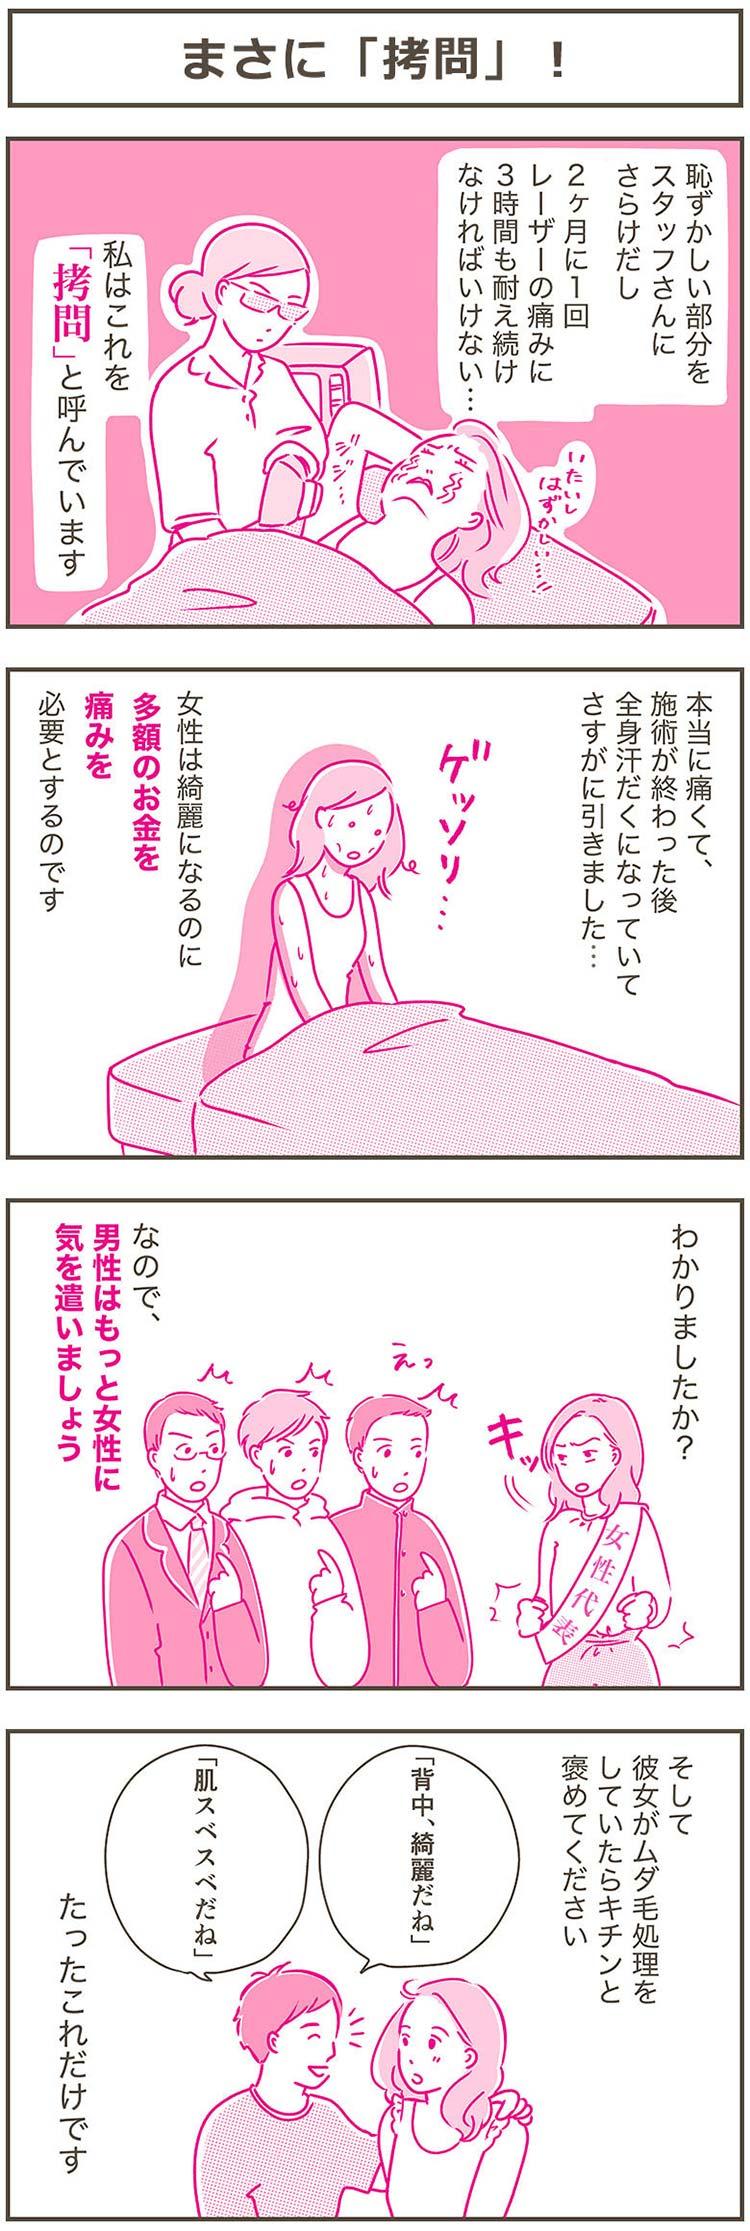 脱毛後の女性に、男性は褒め言葉をかけるべき